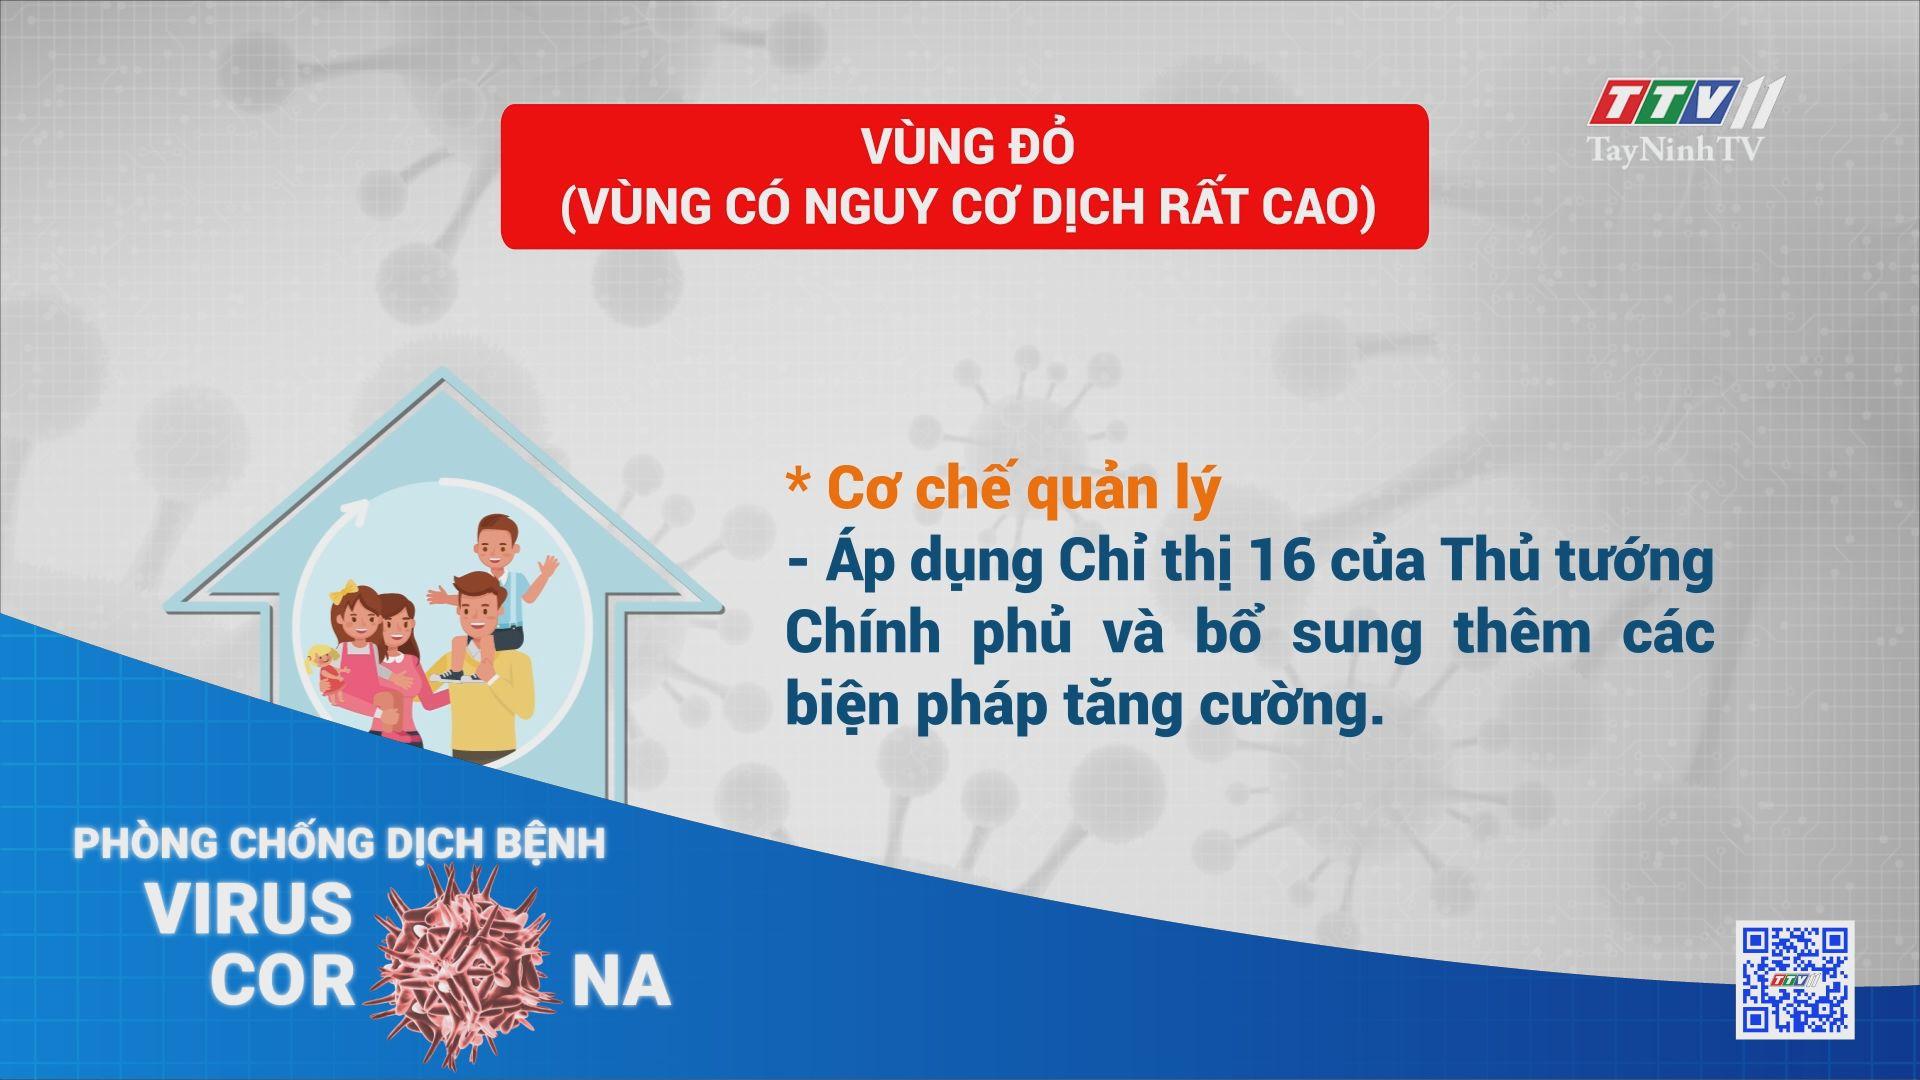 Thay đổi các biện pháp chống dịch theo nguy cơ dịch bệnh | THÔNG TIN DỊCH COVID-19 | TayNinhTV